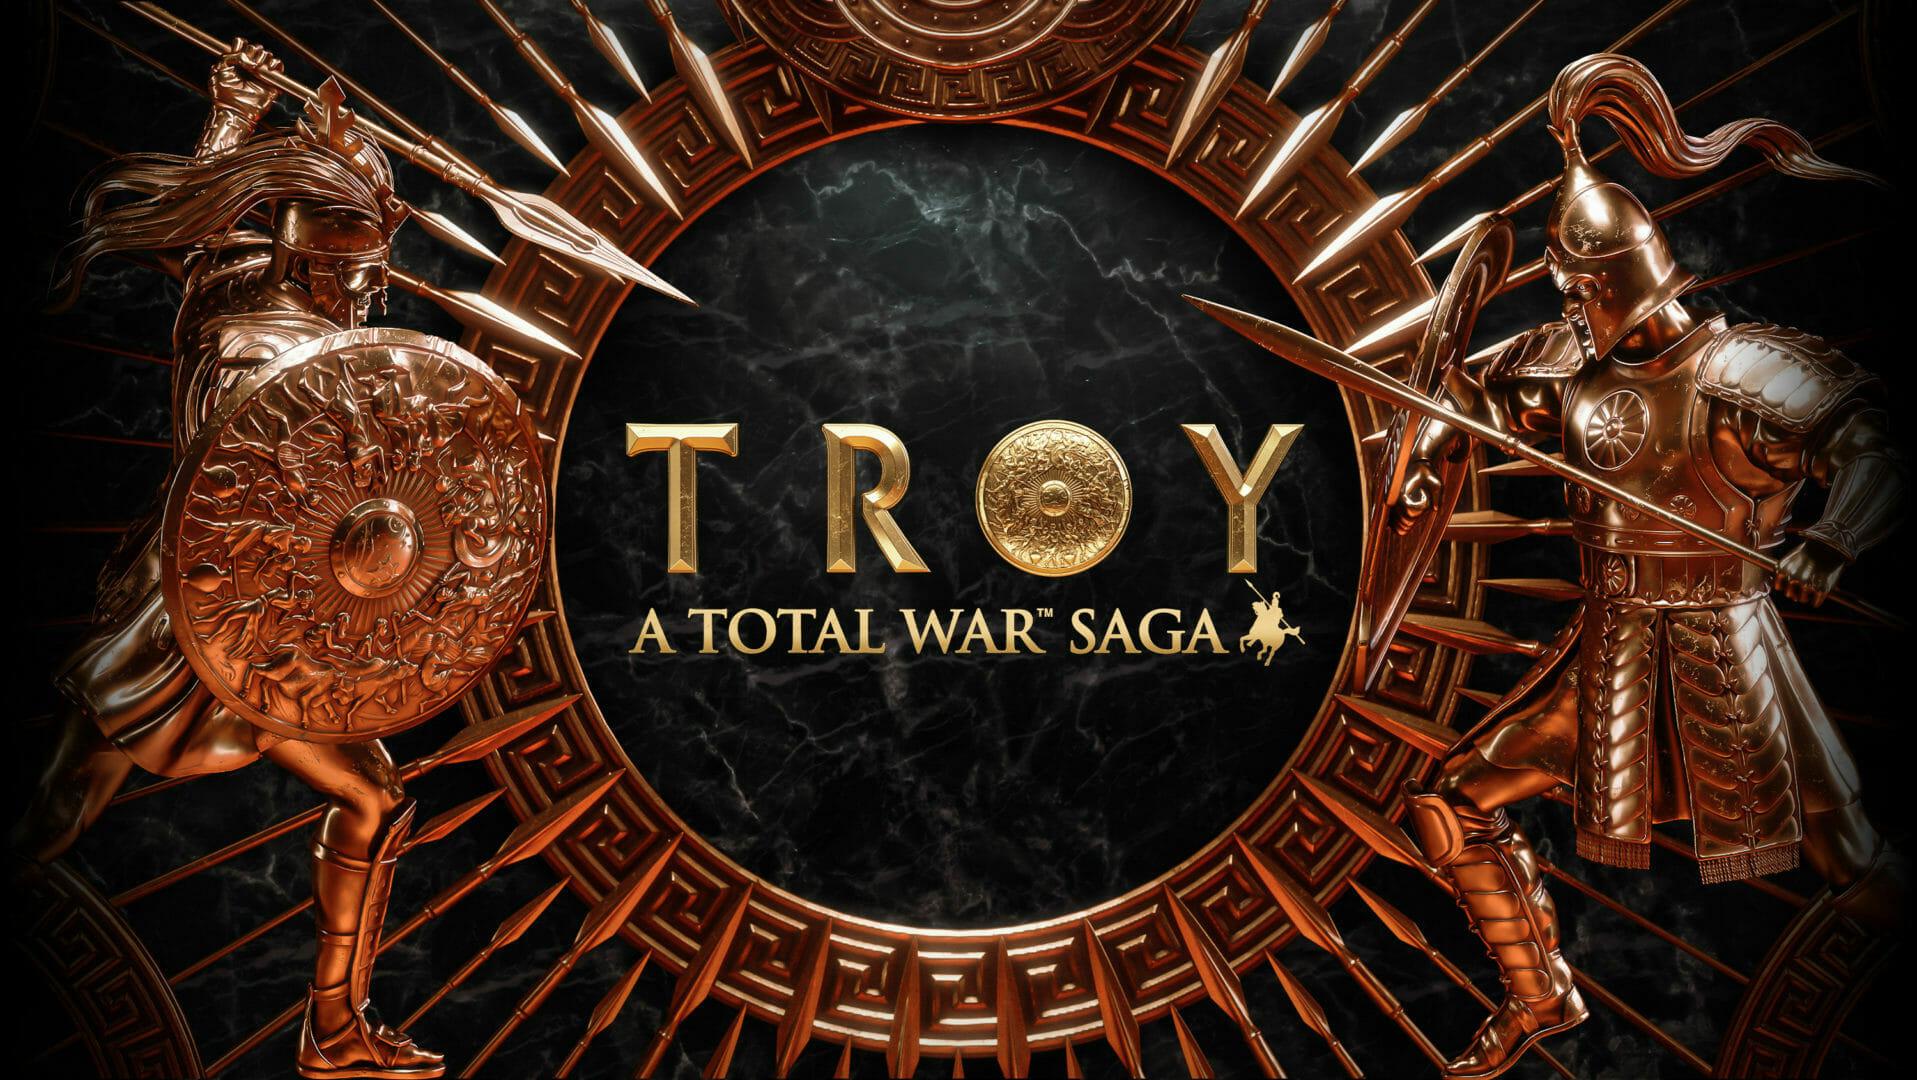 В день премьеры игры Total War Saga: Troy ее можно будет получить бесплатно в магазине Epic Games Store [трейлер]